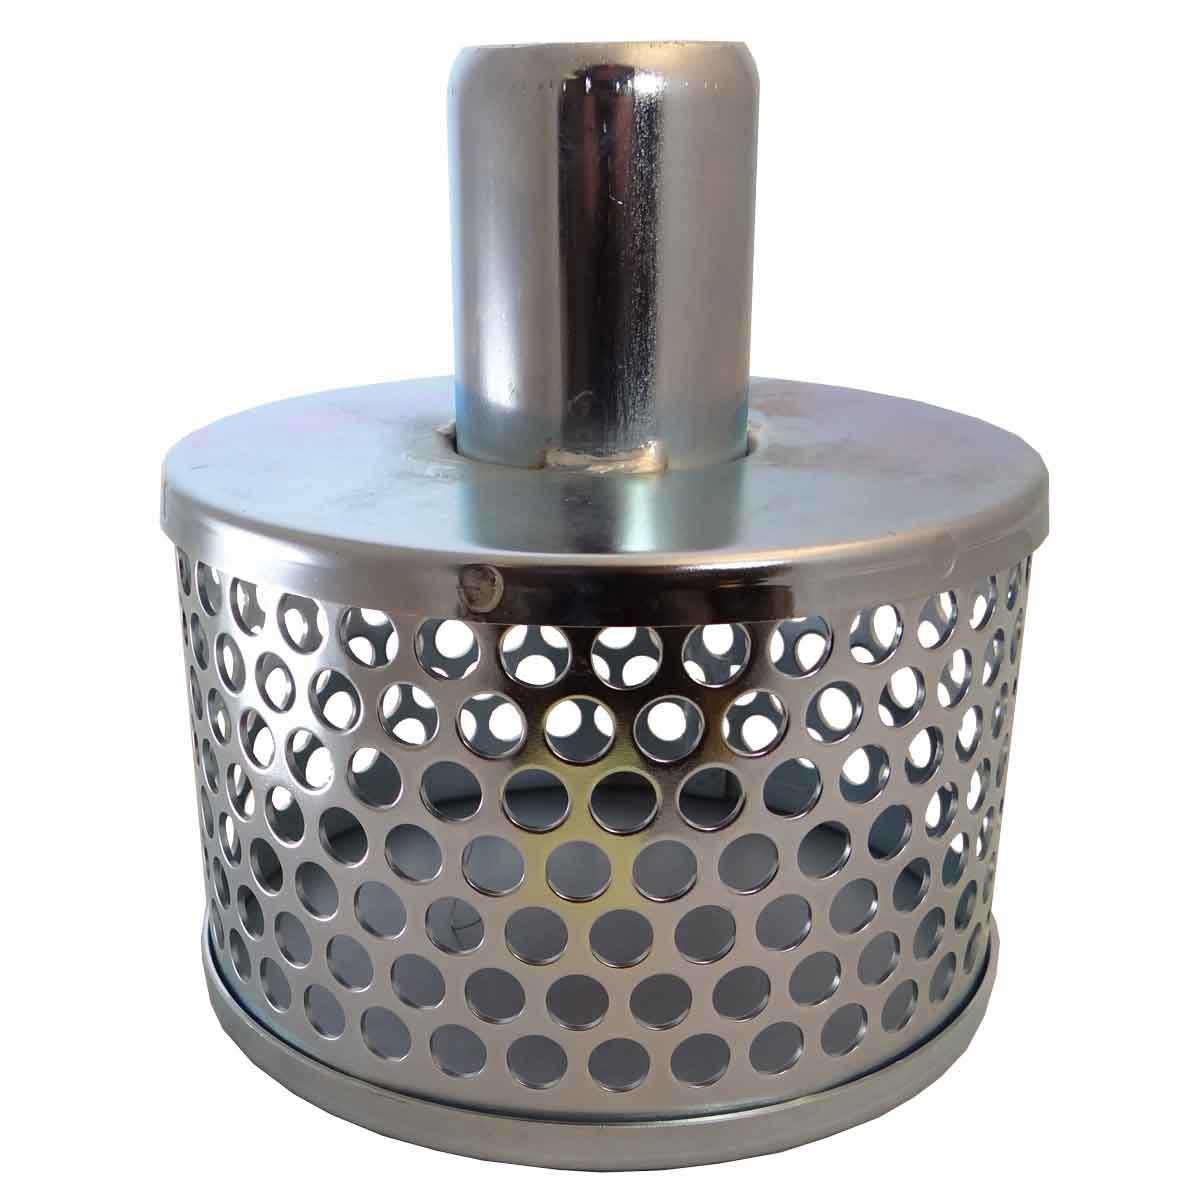 5000028508 Wacker Neuson Metal suction strainer